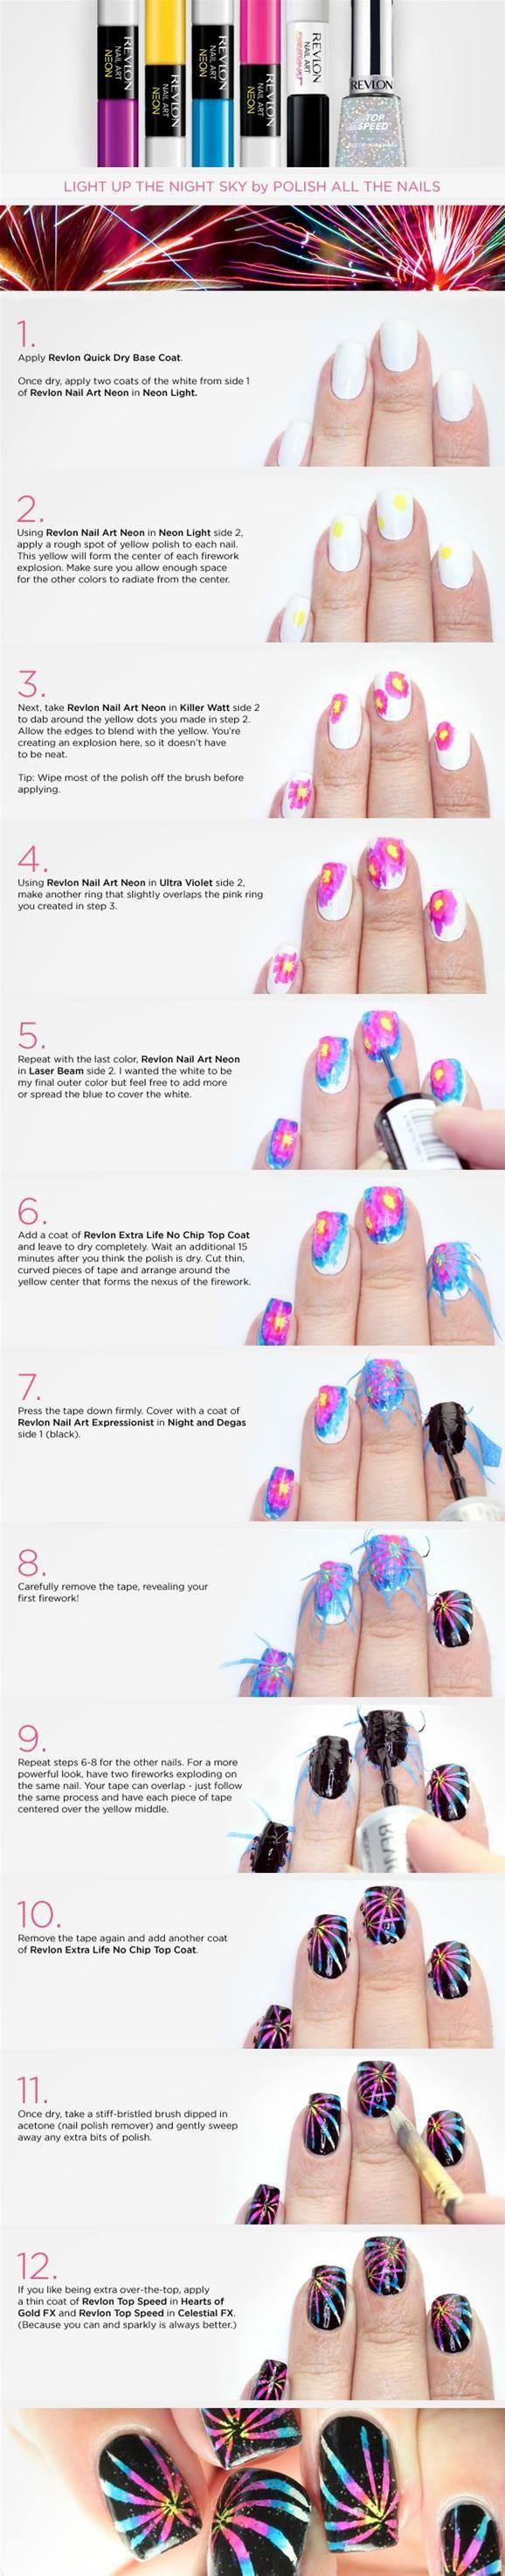 159 besten Miscellaneous Nail Stuff Bilder auf Pinterest | Make up ...